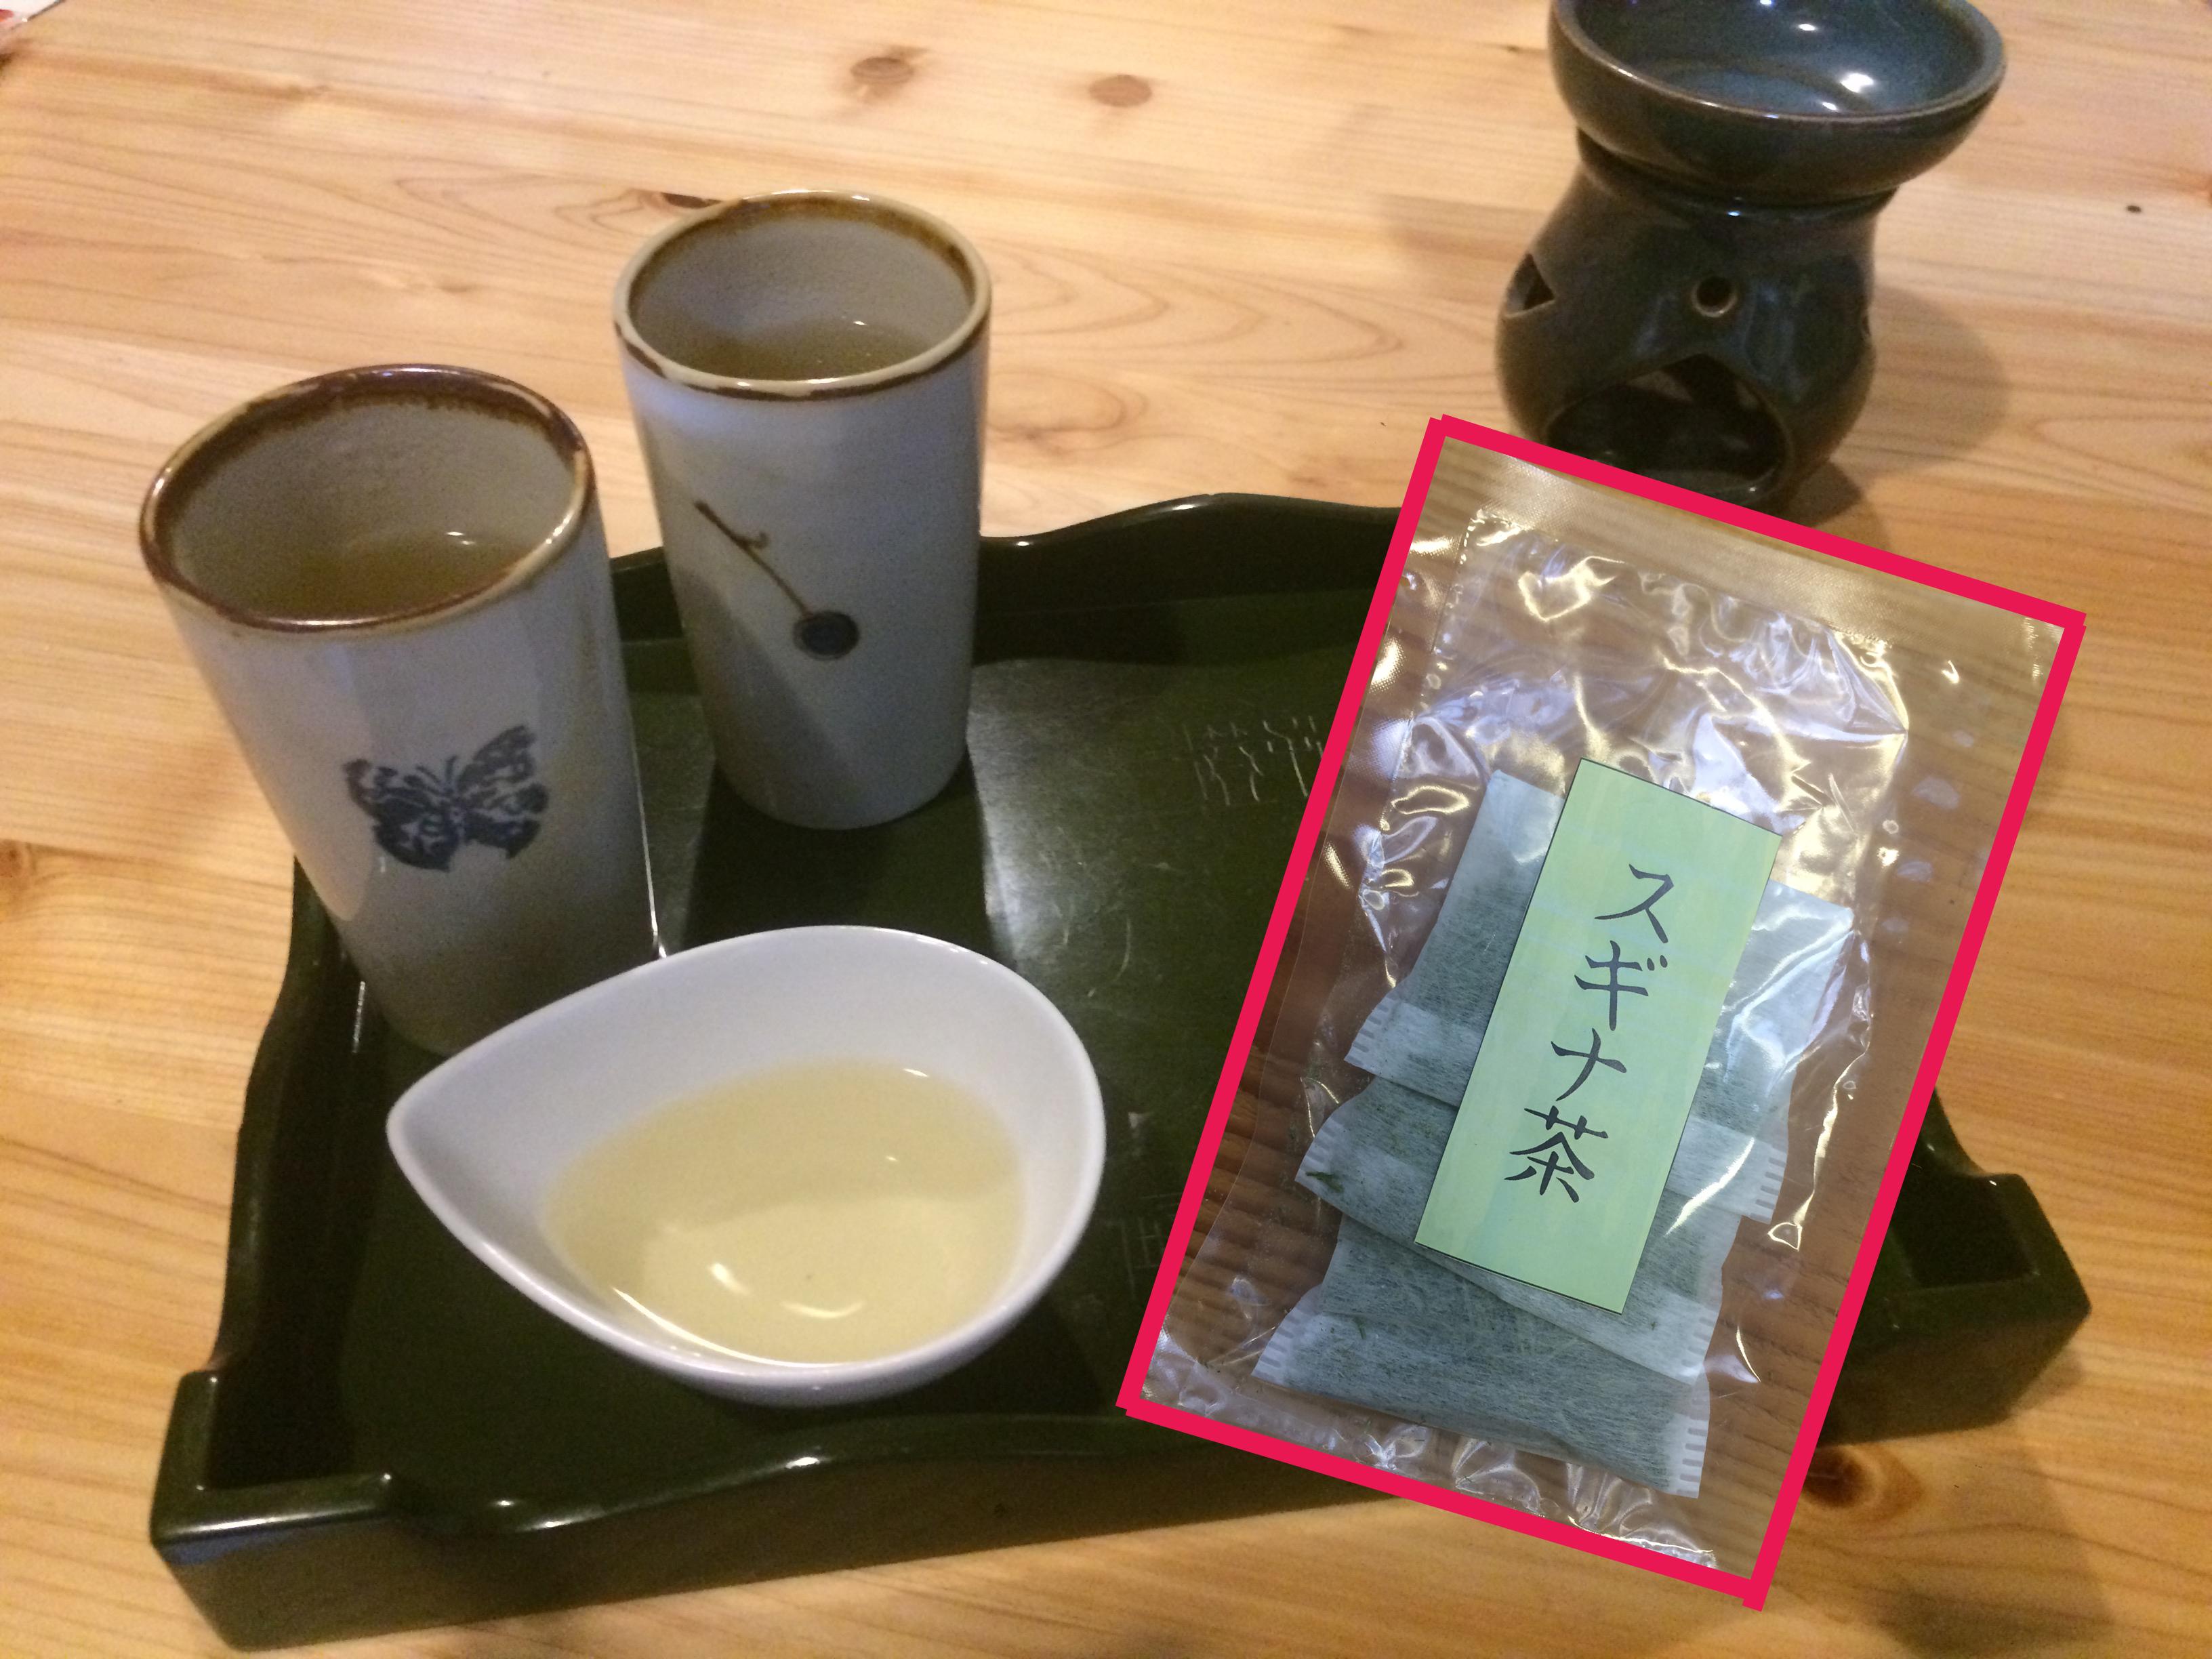 就労継続支援A型事業所「フォーチュンⅡ」で買ってきた!体にとってもいい「スギナ茶」を淹れてみたよ!